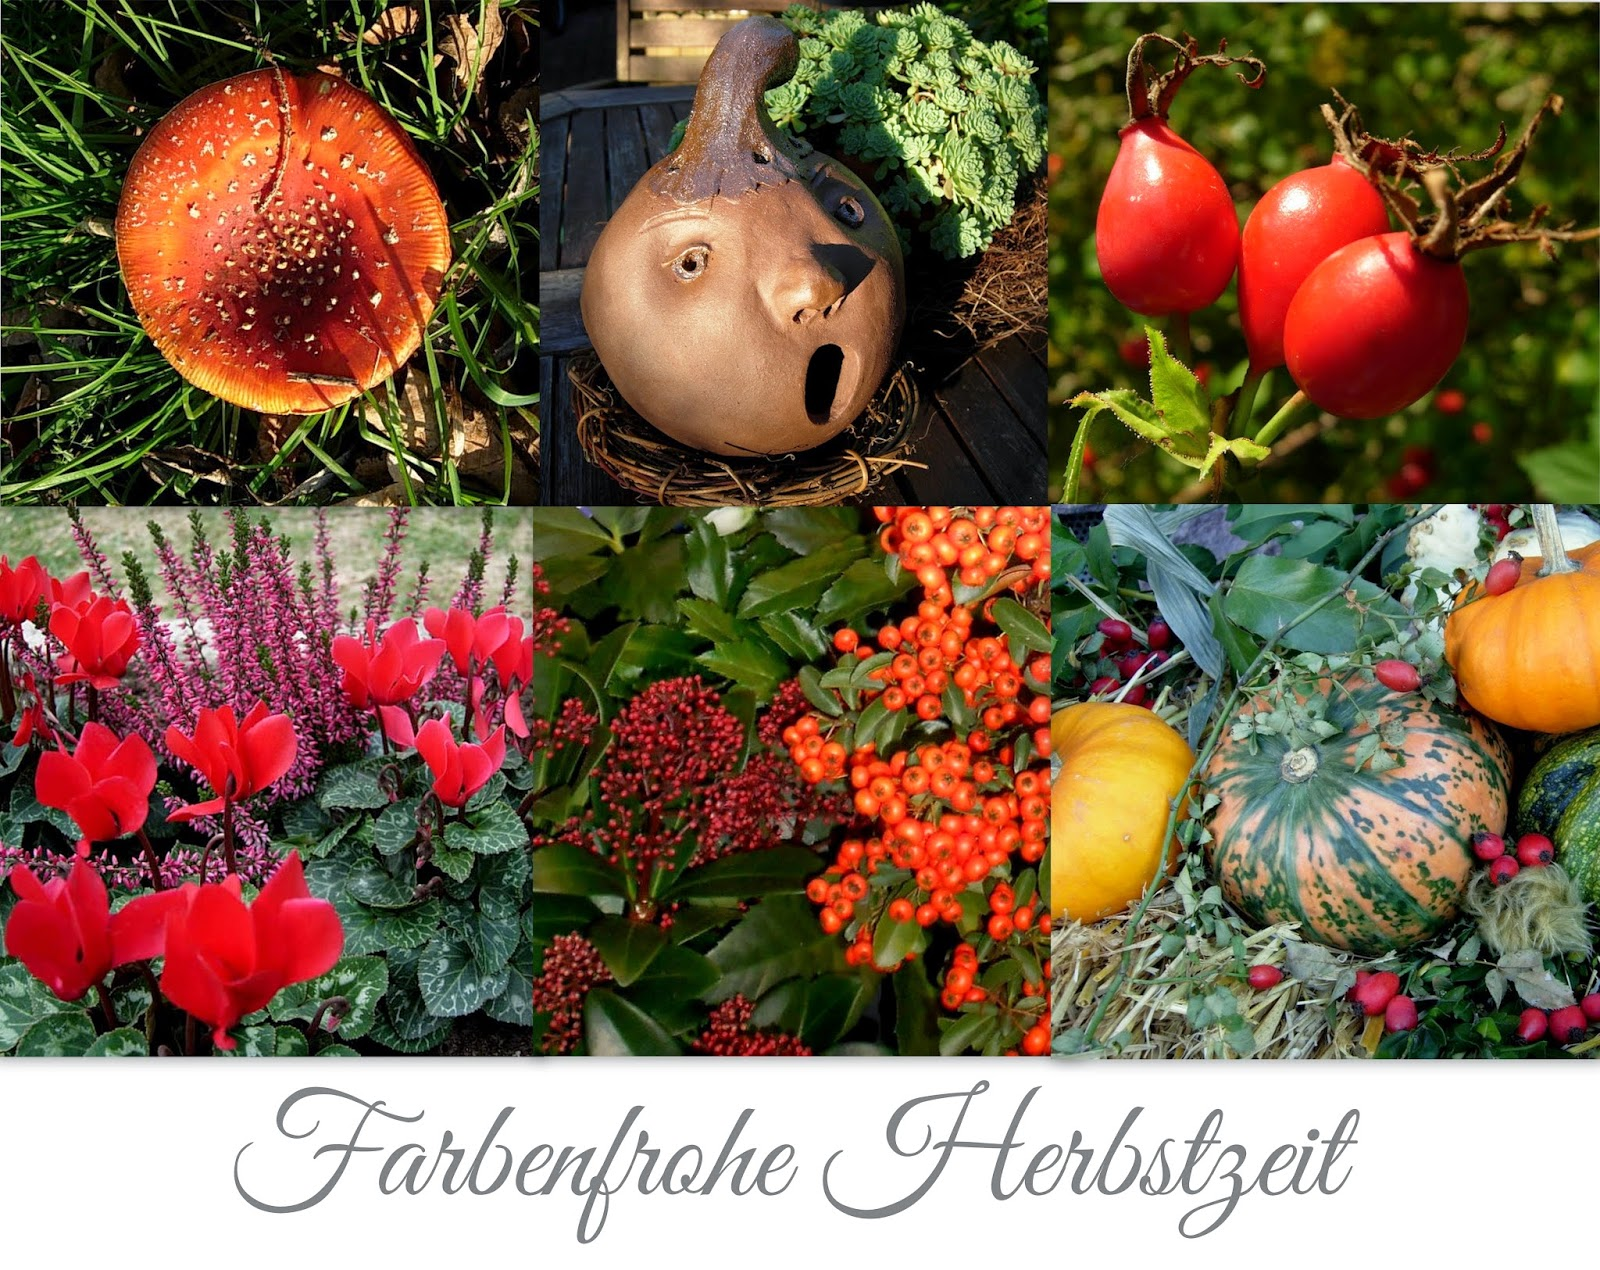 Farbenfrohe Herbstzeit